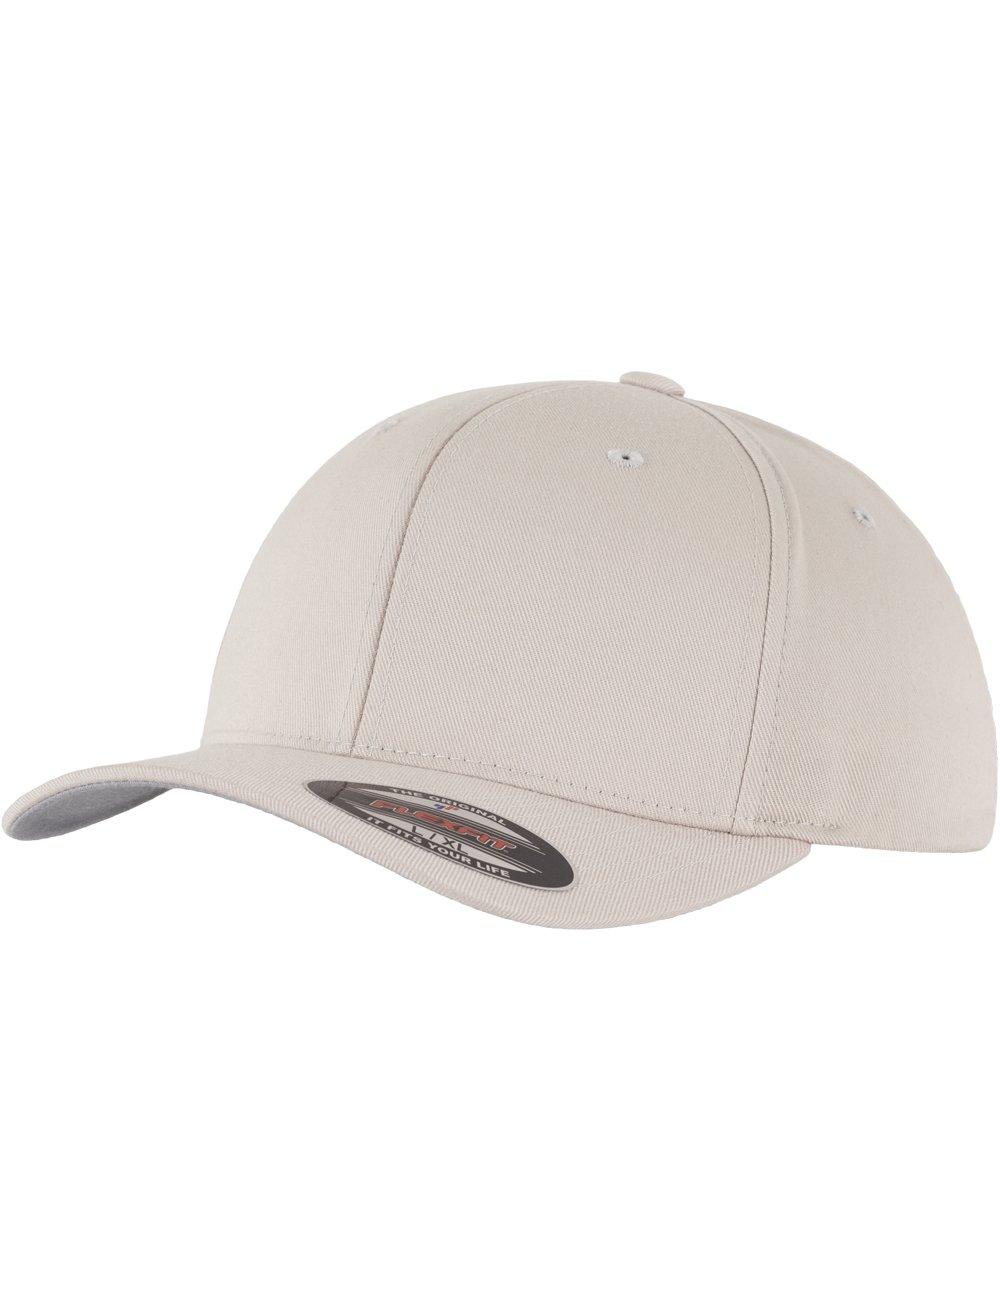 Flexfit - Cappello da uomo in lana pettinata